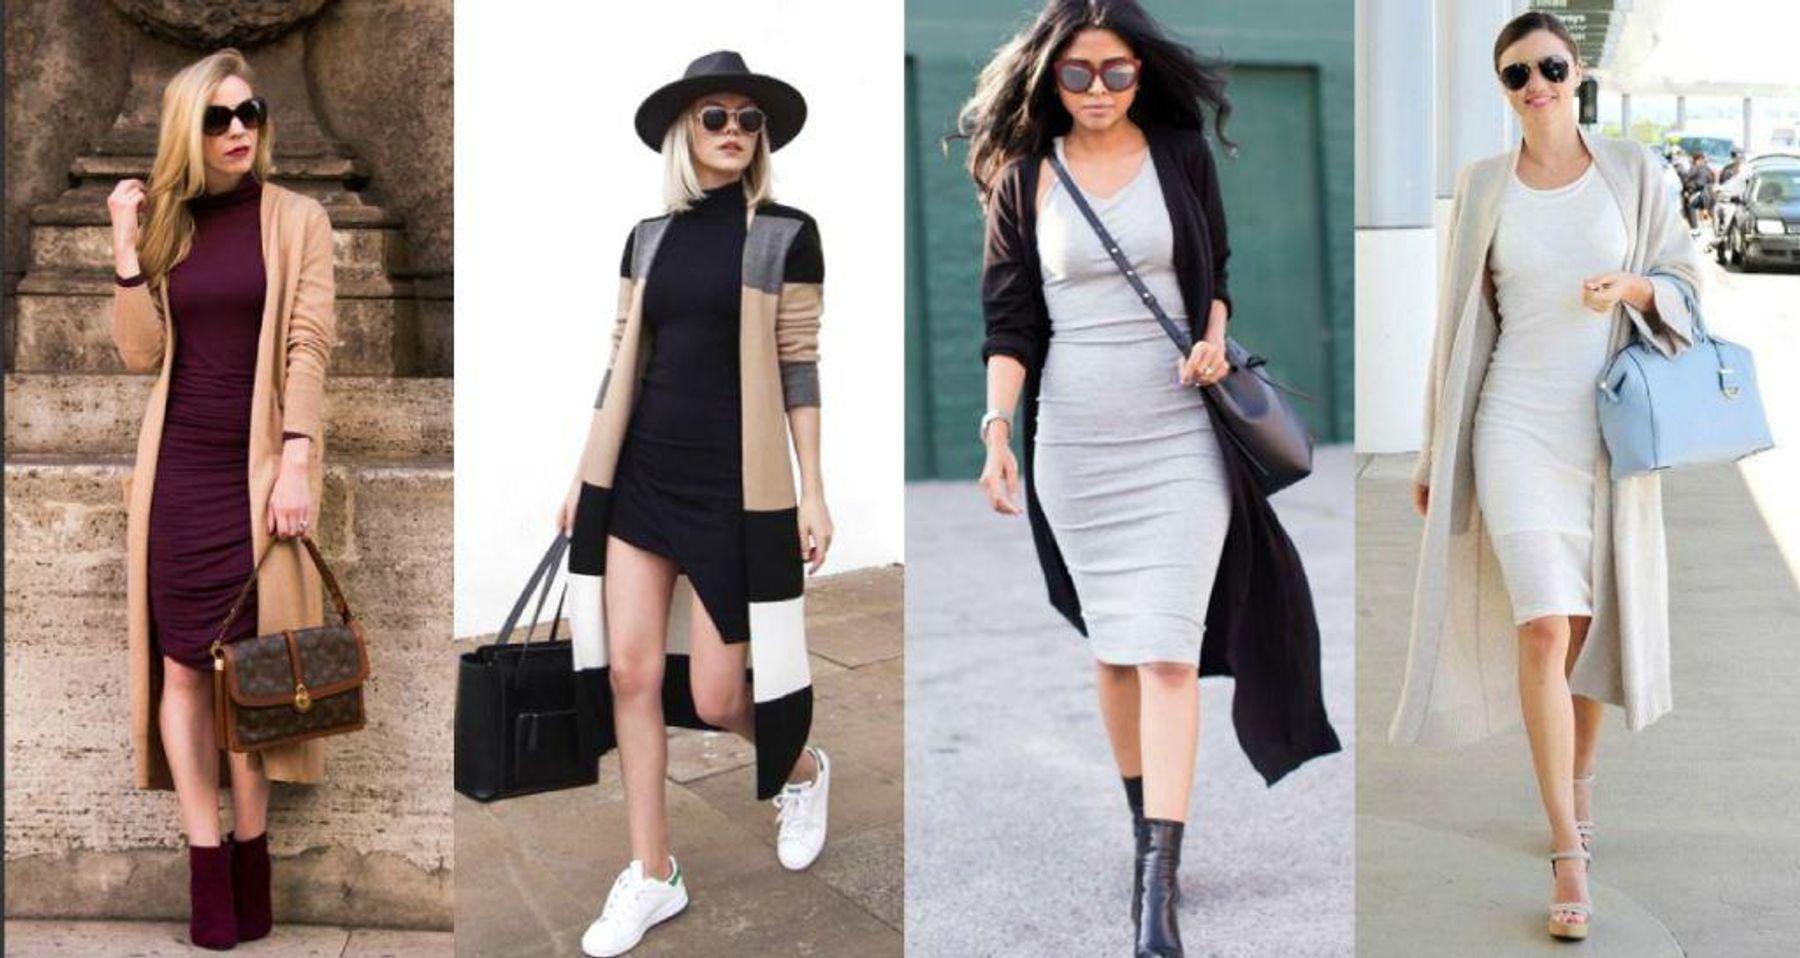 Đầm body ôm dài là dáng váy vô cùng phù hợp với những bạn nữ lùn